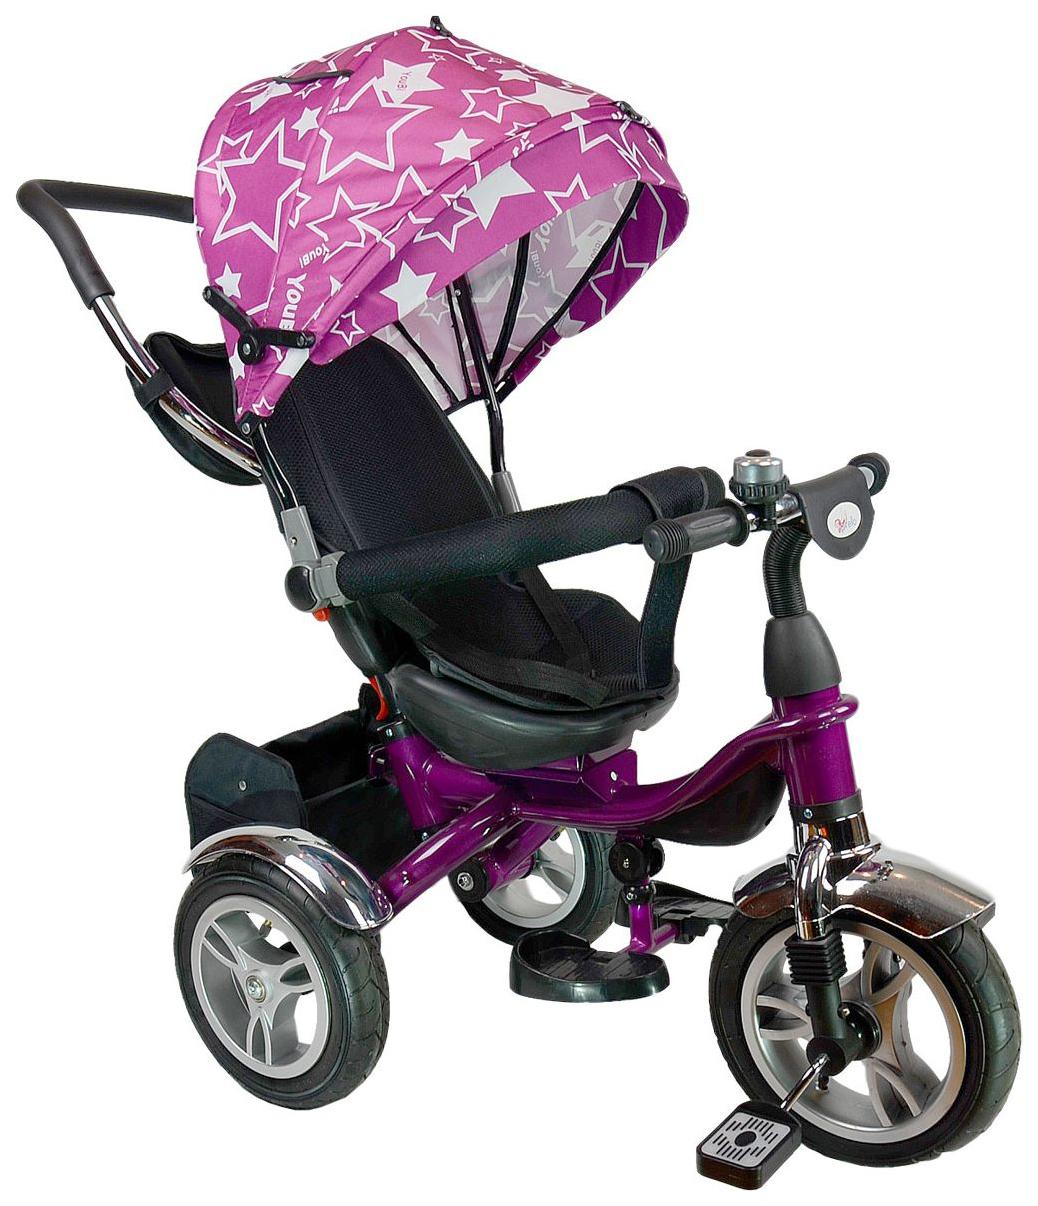 Купить Велосипед трехколесный Farfello TSTX6688-4 фиолетовый со звездами, Детские велосипеды-коляски